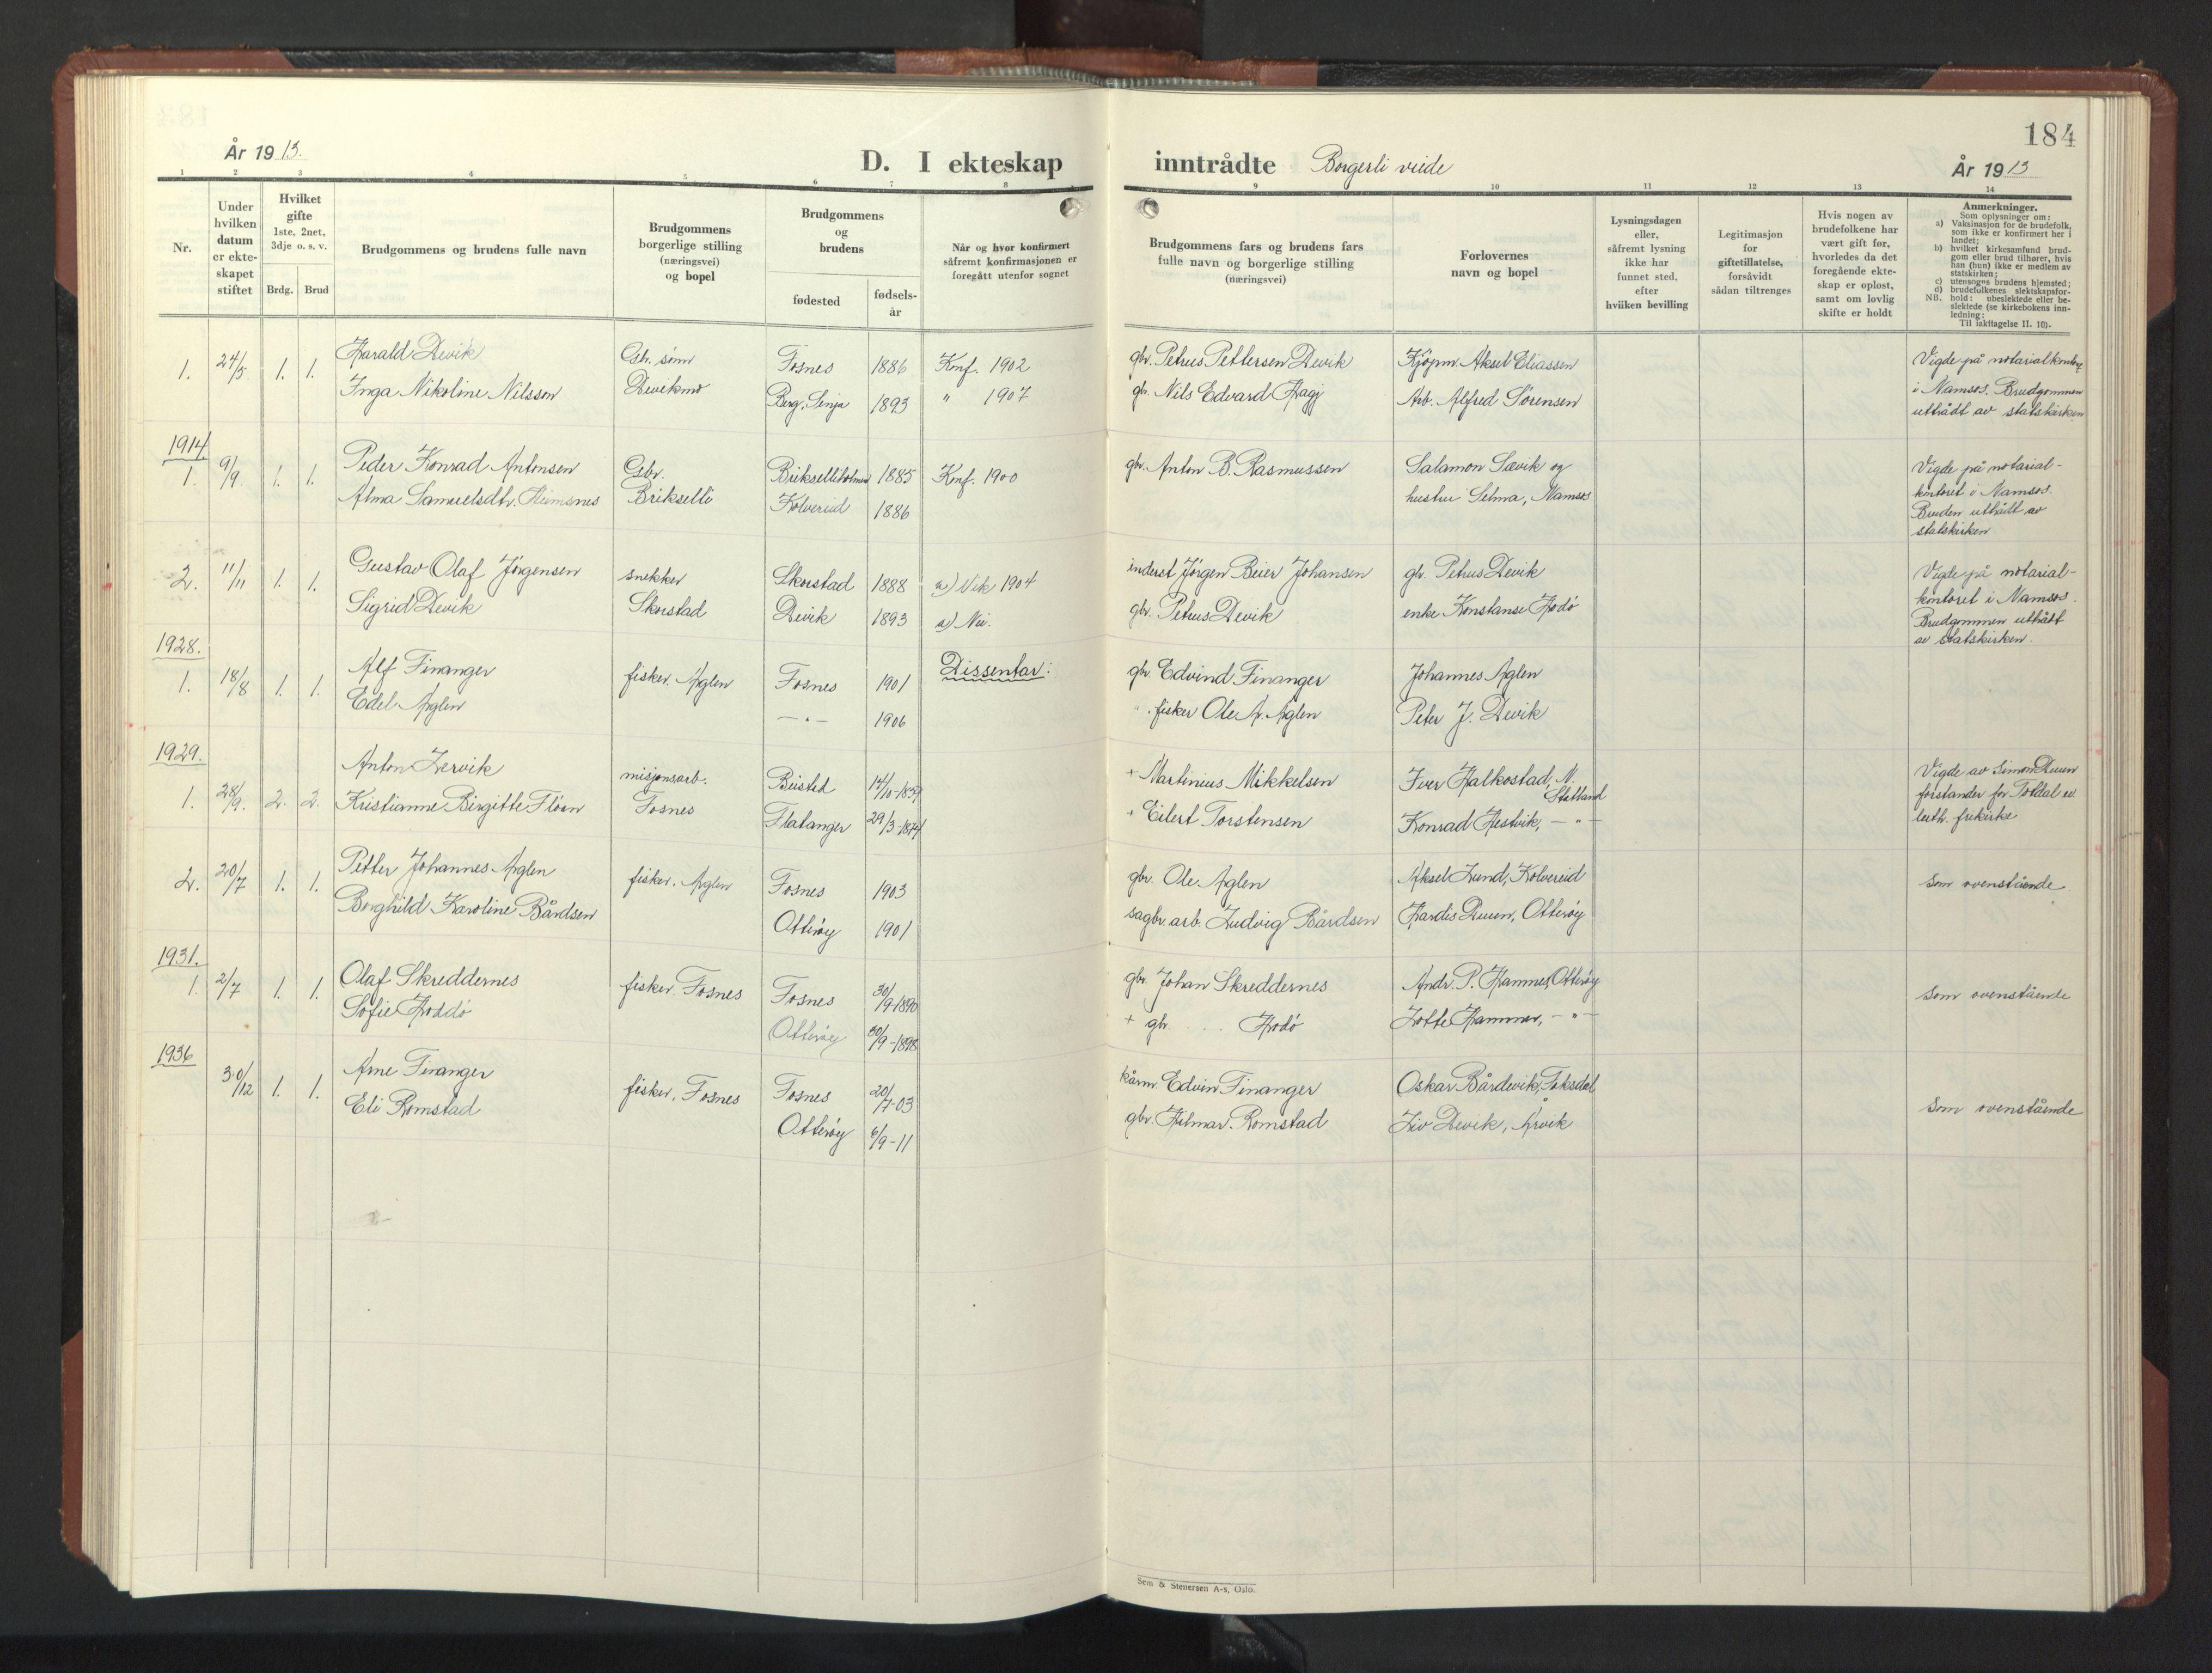 SAT, Ministerialprotokoller, klokkerbøker og fødselsregistre - Nord-Trøndelag, 773/L0625: Klokkerbok nr. 773C01, 1910-1952, s. 184